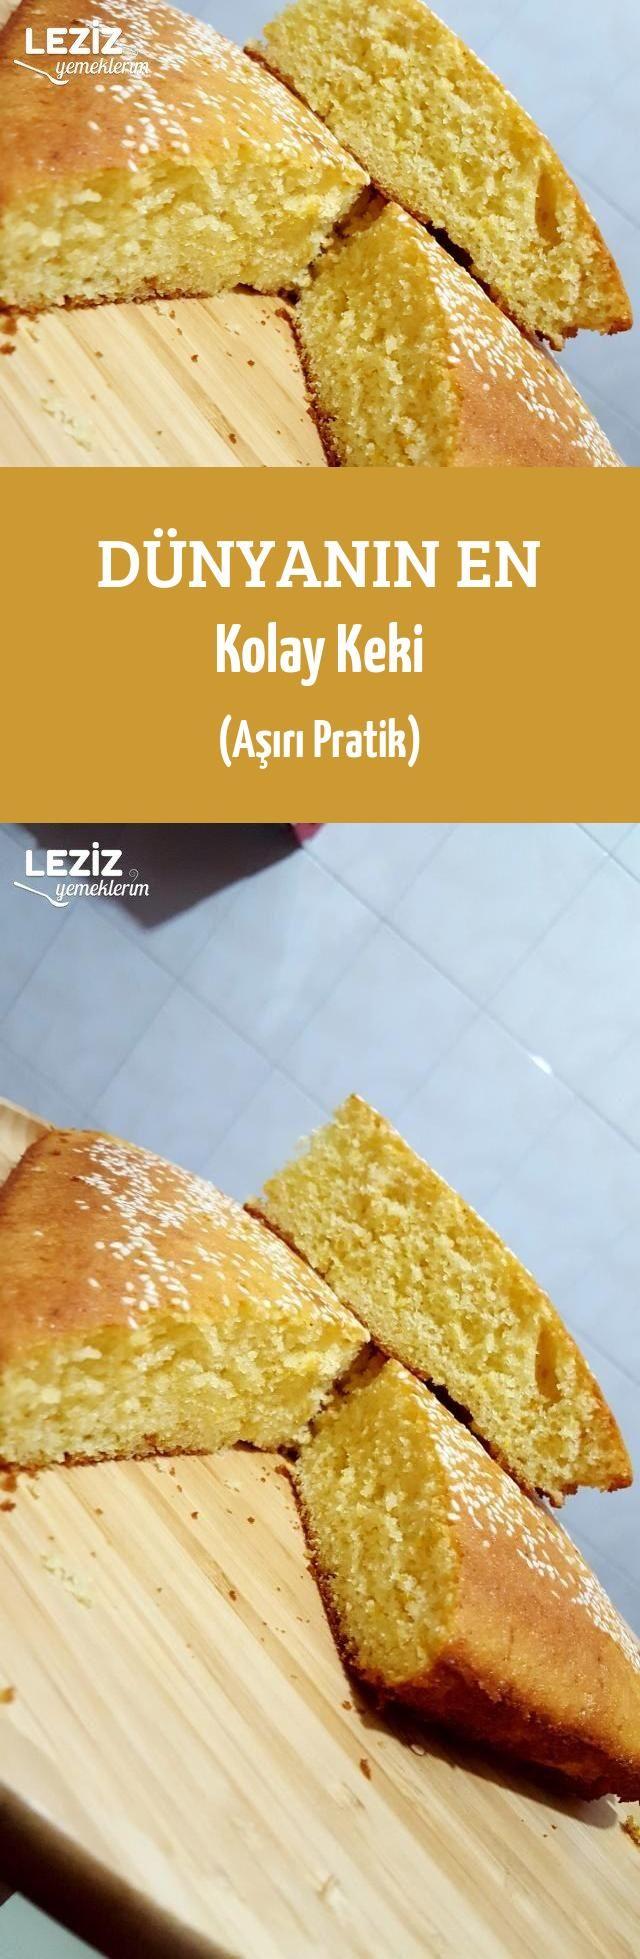 Dünyanın En Kolay Keki (Aşırı Pratik)